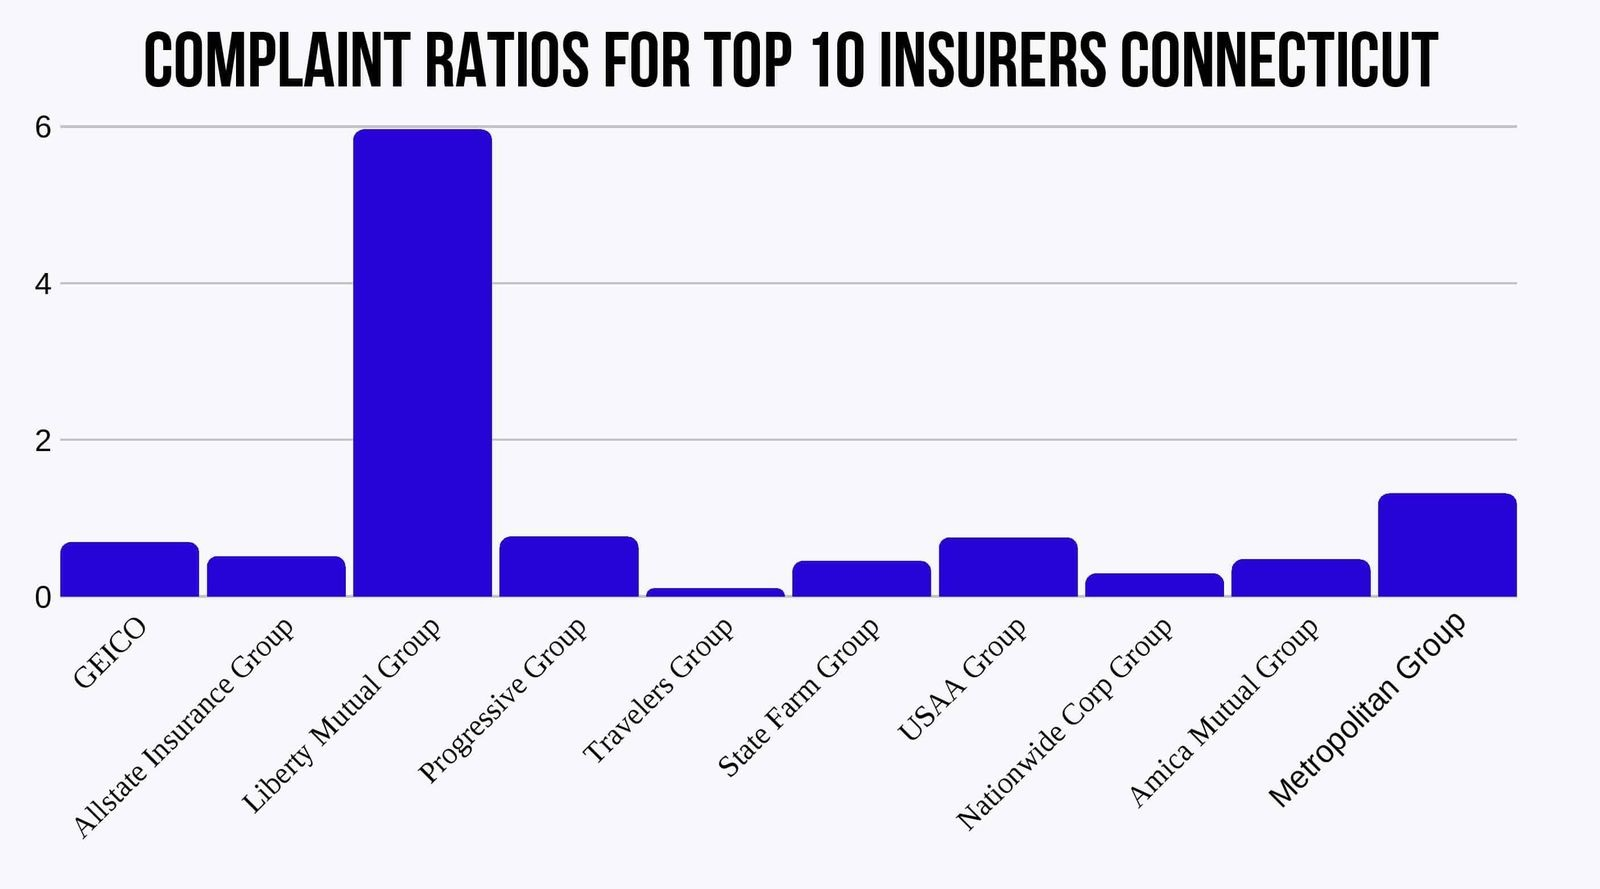 Complaint Ratios for Connecticut Top 10 Insurers